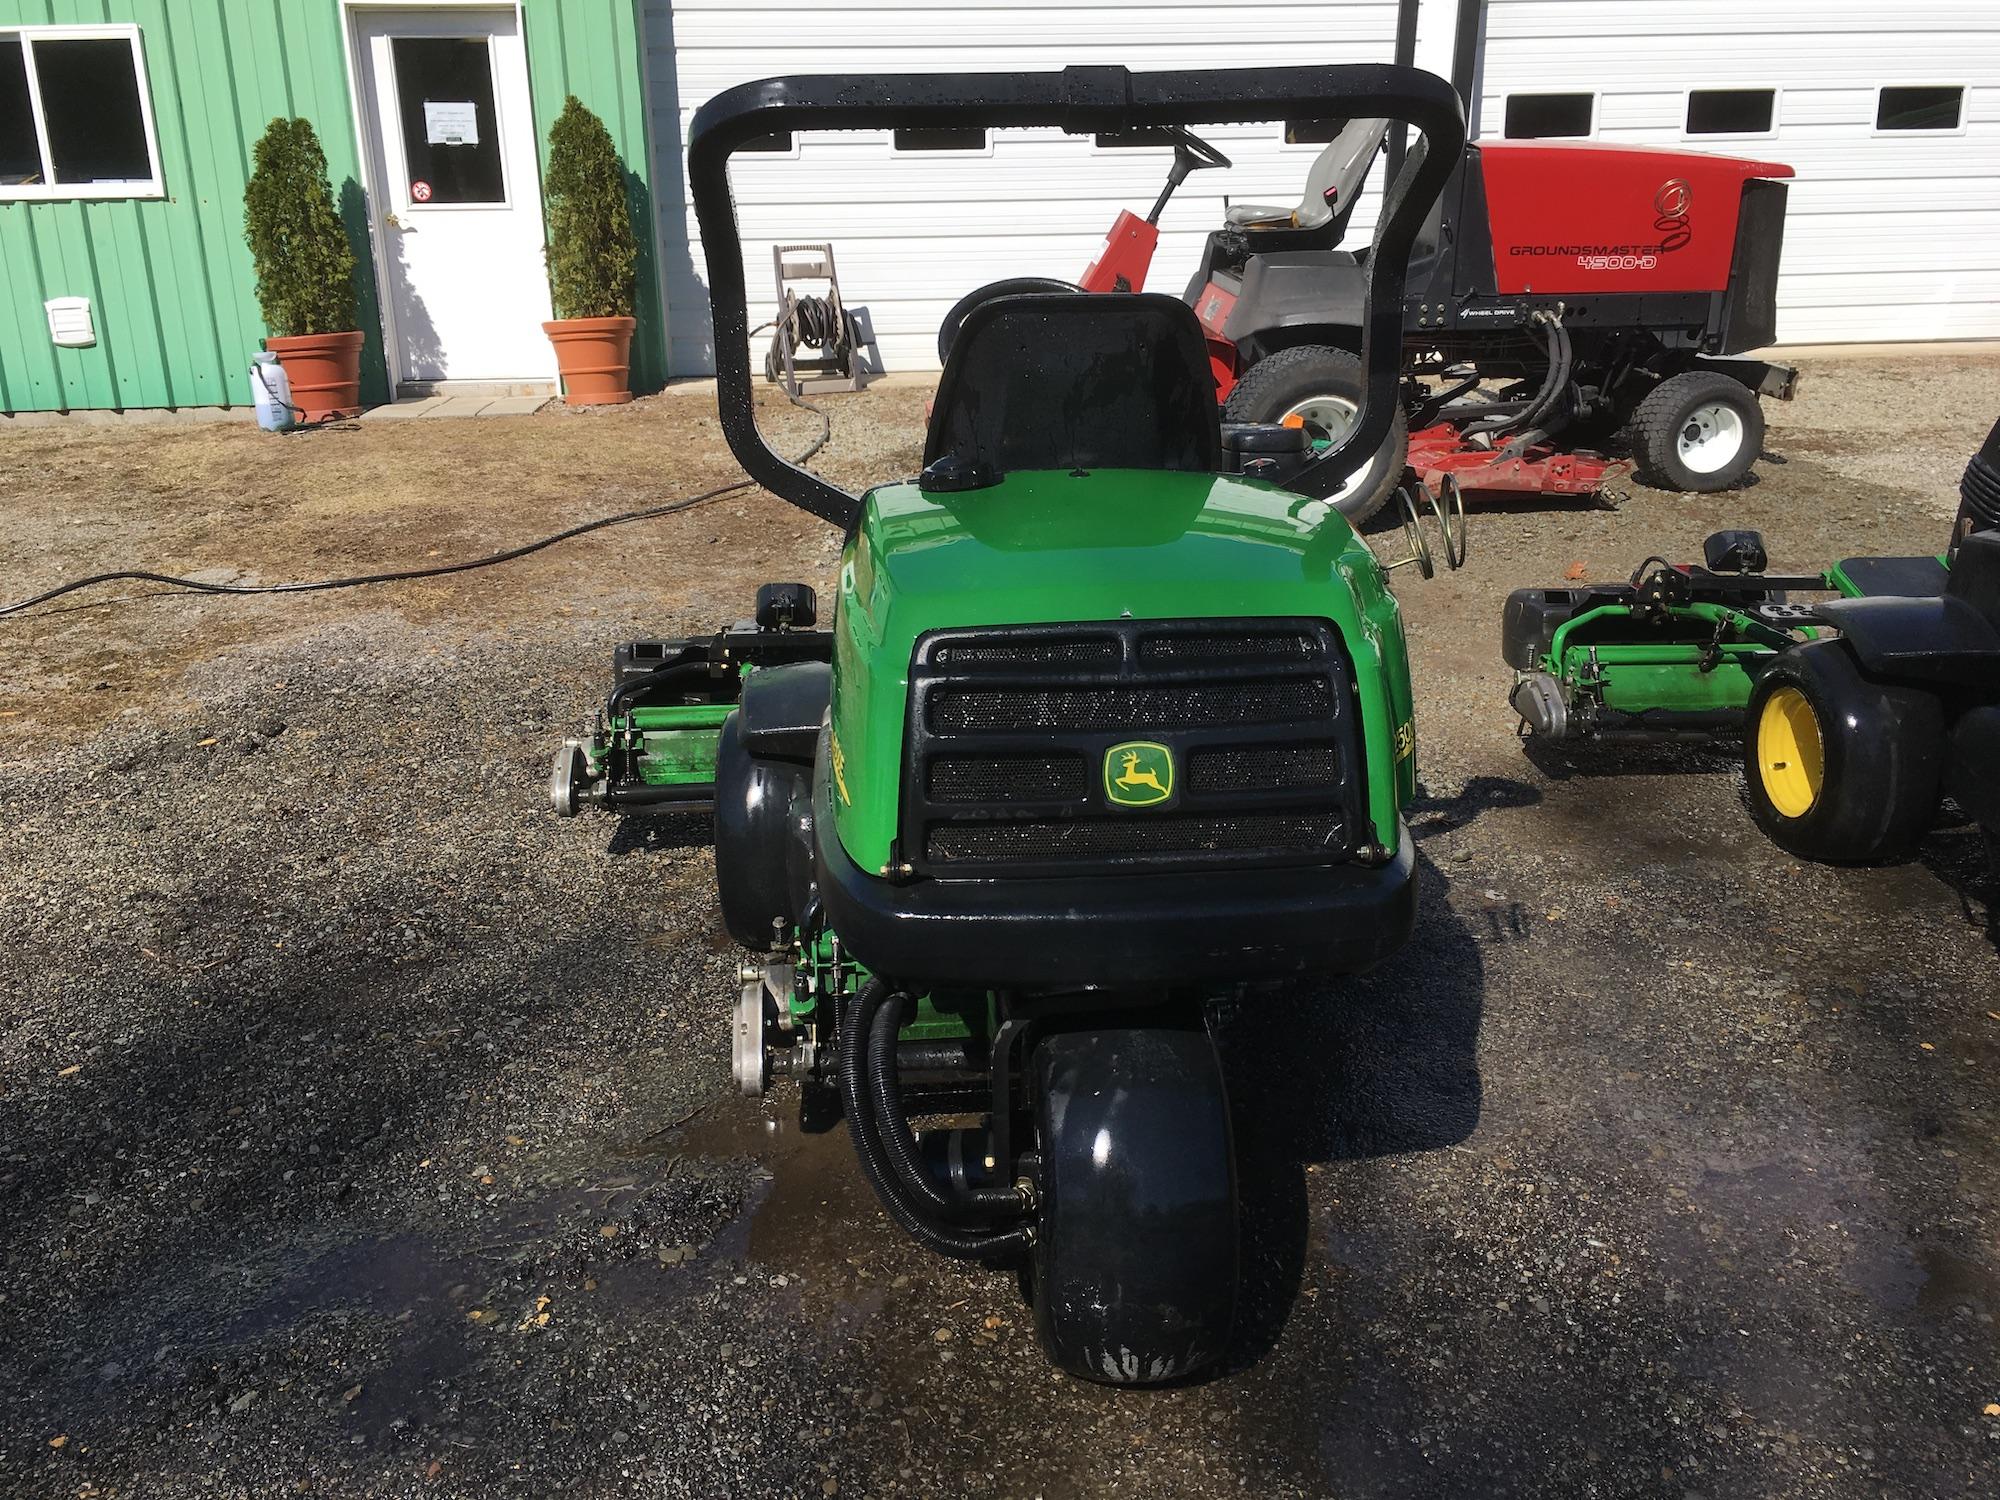 JohnDeere-2500E-Triplex-GreensMowers-02